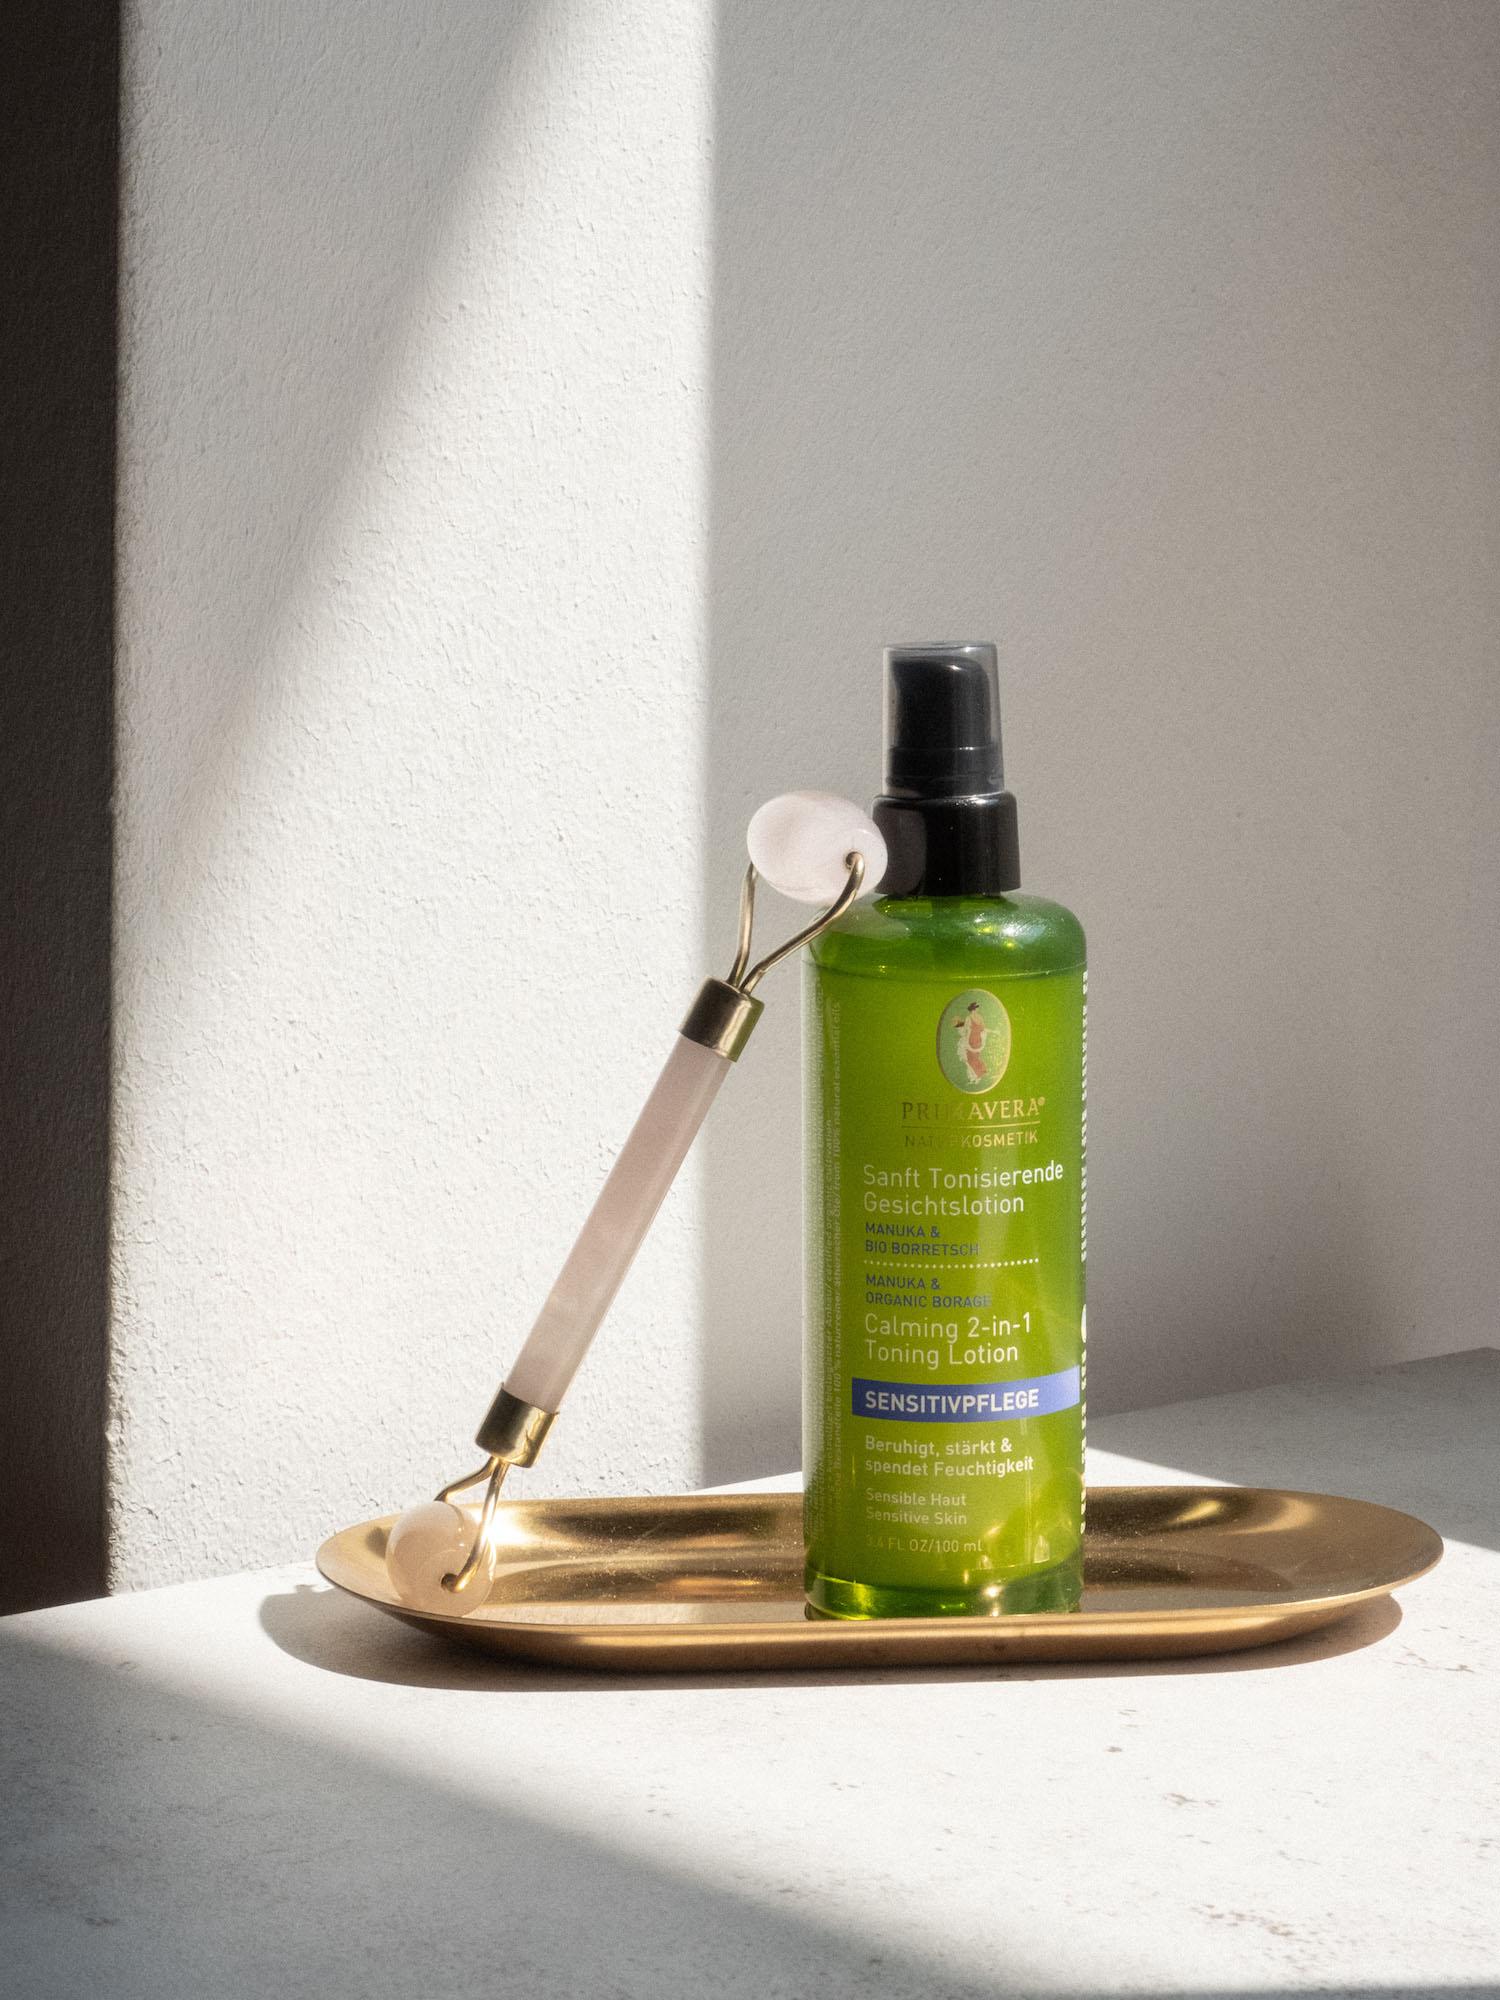 Beautyblog Review Primavera für sensible Haut Sanfte Tonisierende Gesichstlotion